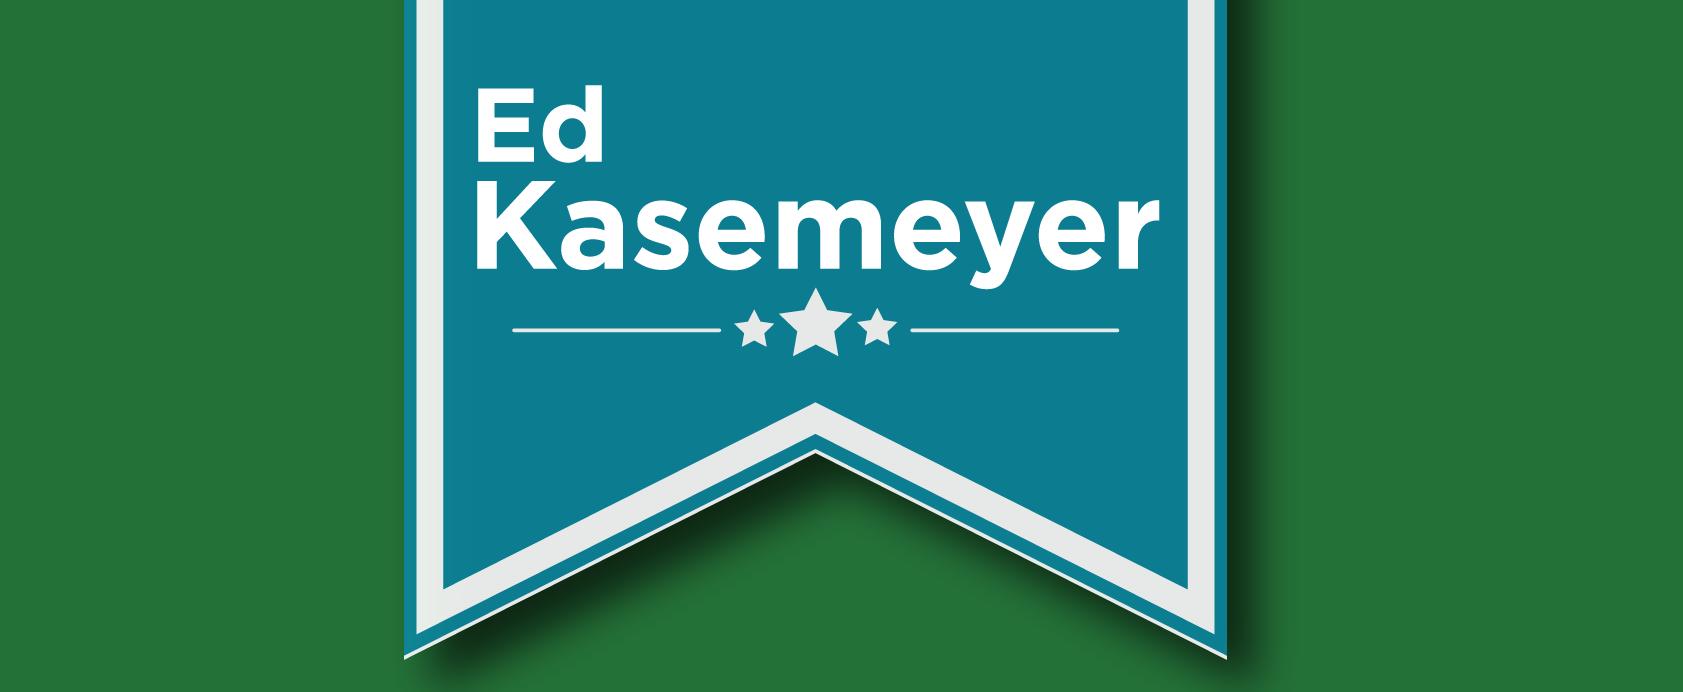 Ed Kasemeyer For Senate